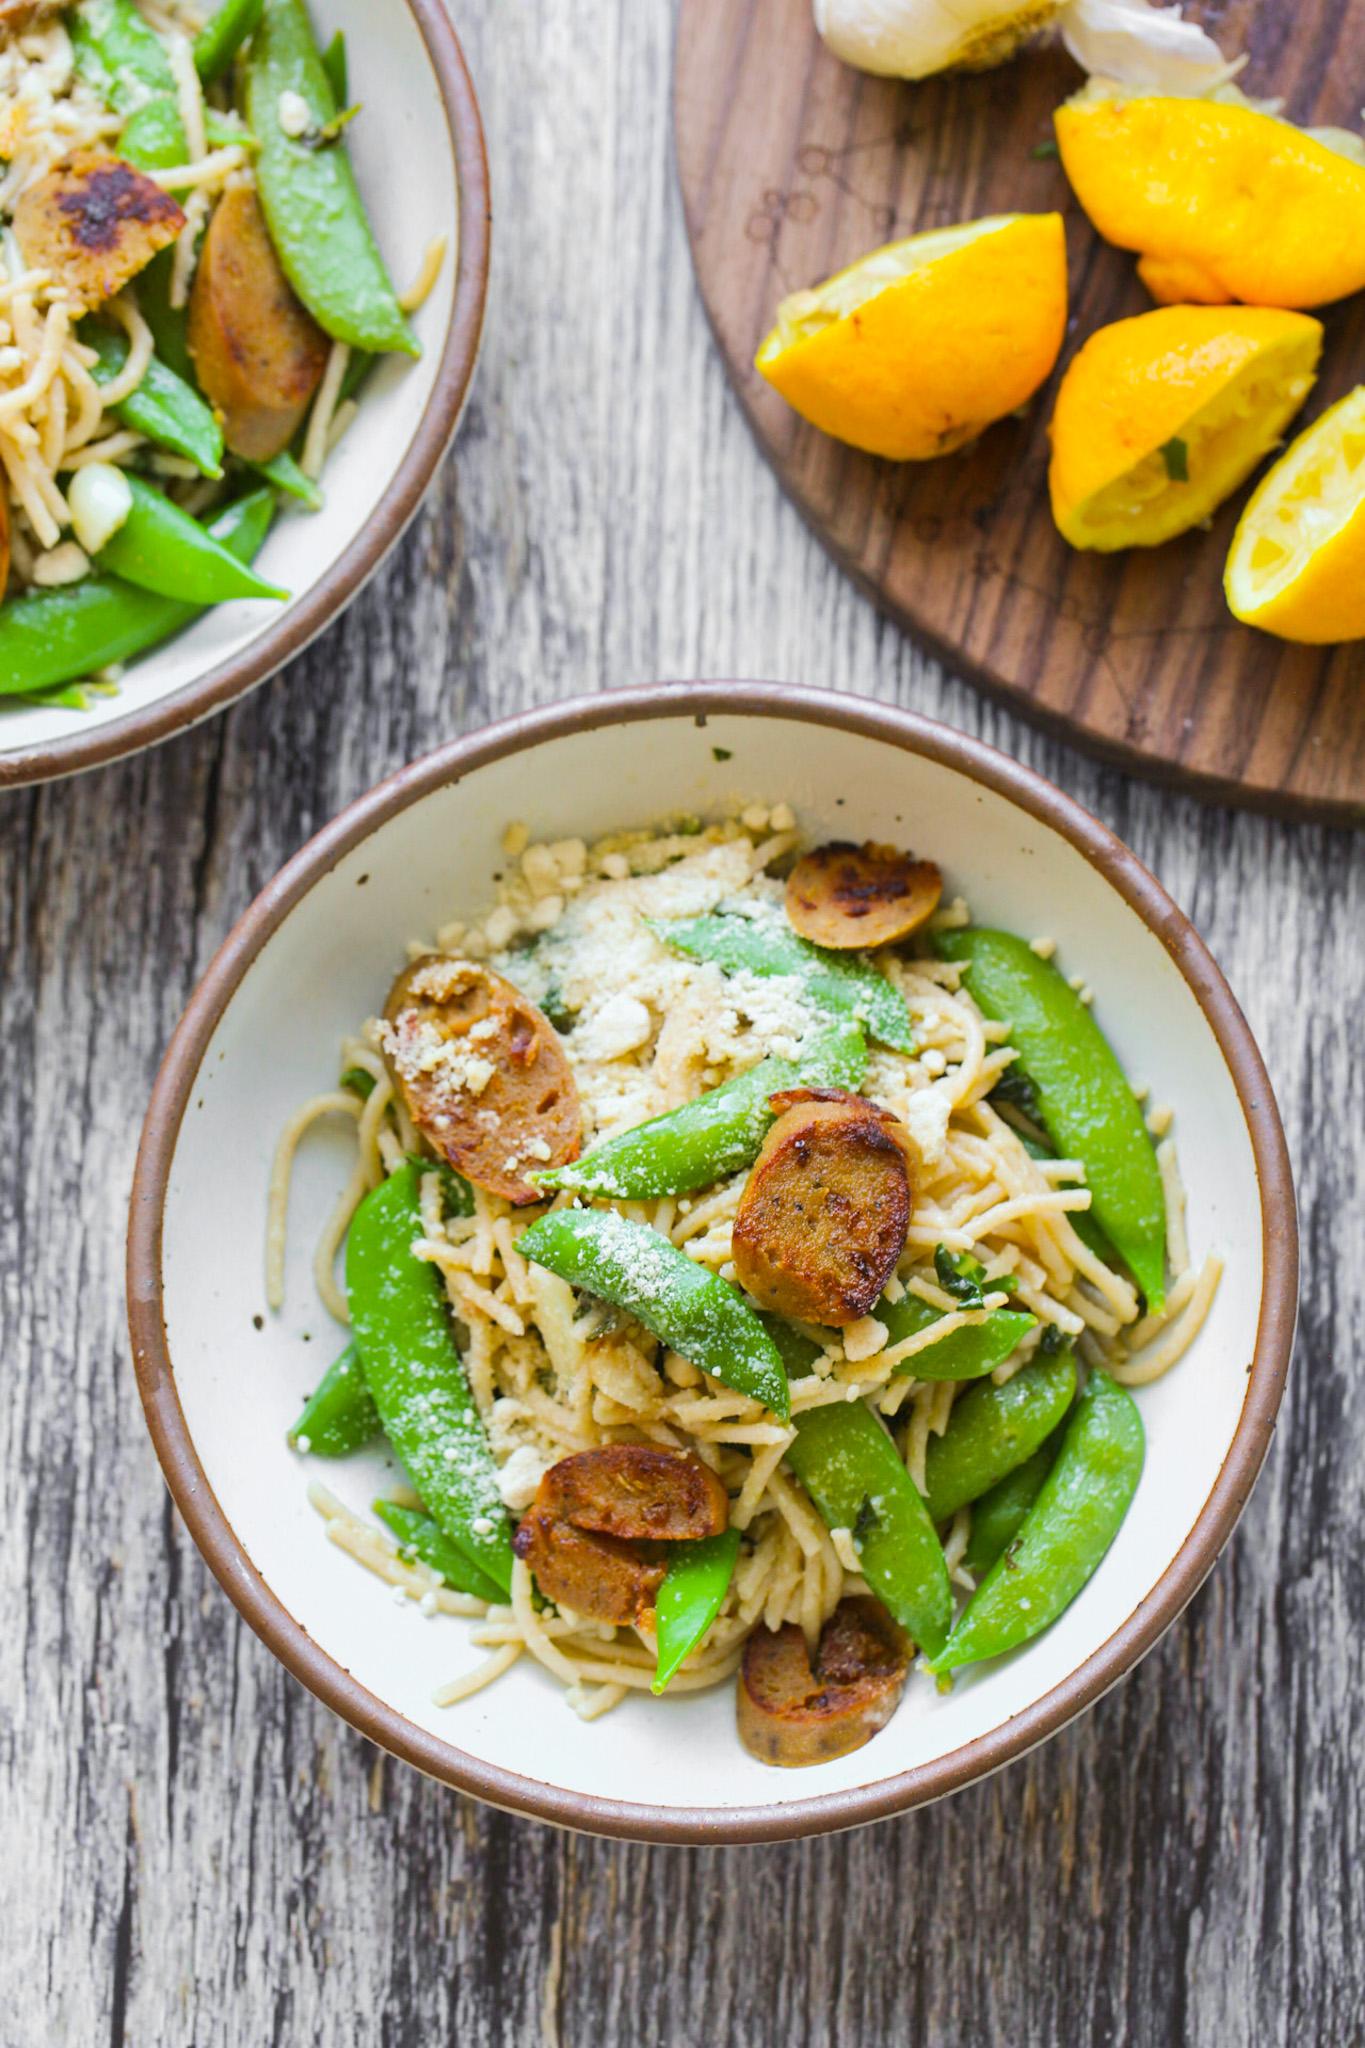 lemons and garlic with pasta bowls